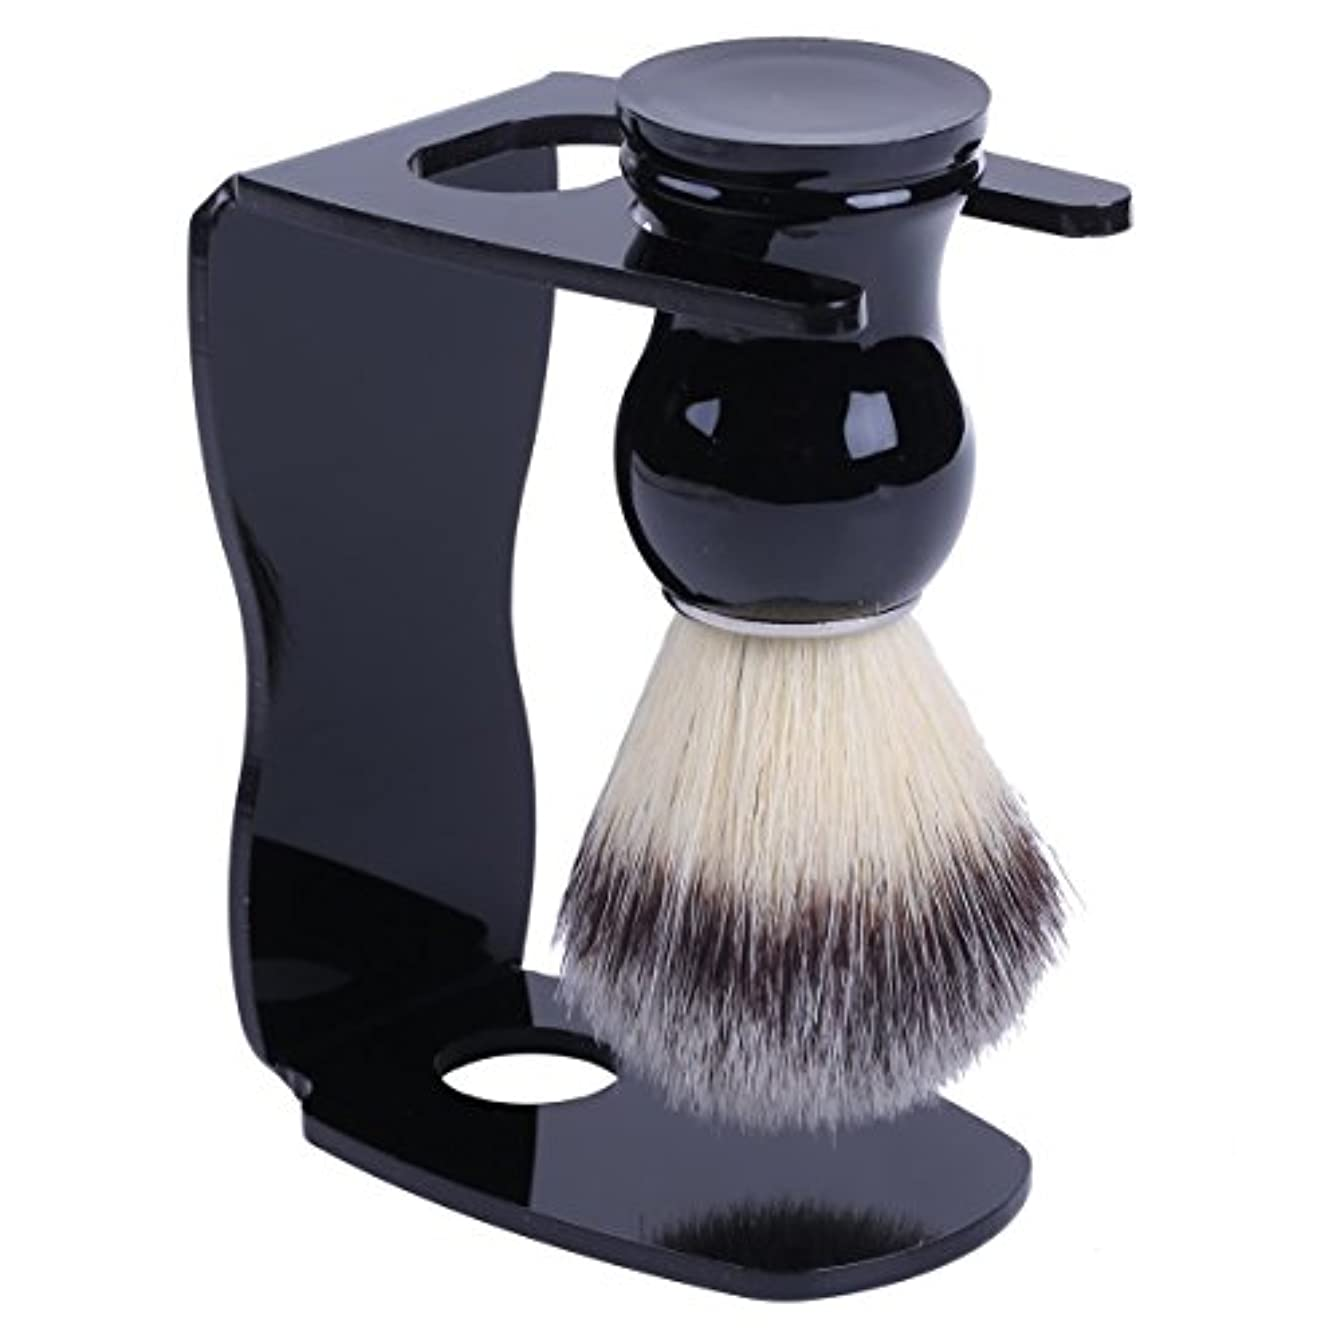 品残り物接辞泡立ちが違う アナグマ 毛100% スタンド付き シェービング ブラシ /髭剃り 洗顔 理容 マッサージ 美容 効果